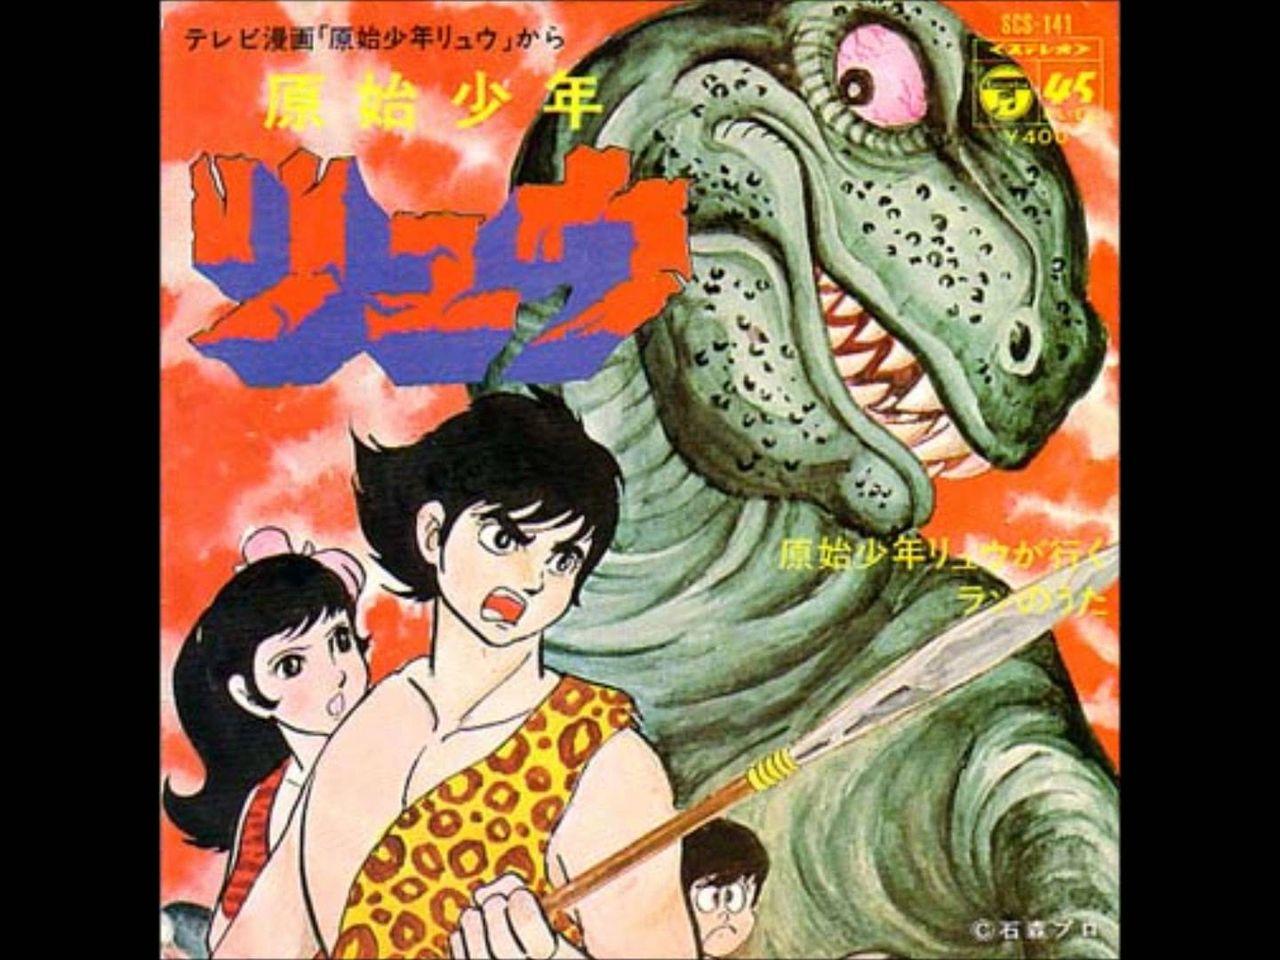 きままと『古代日本』を題材にしたアニメある?コメントするトラックバック